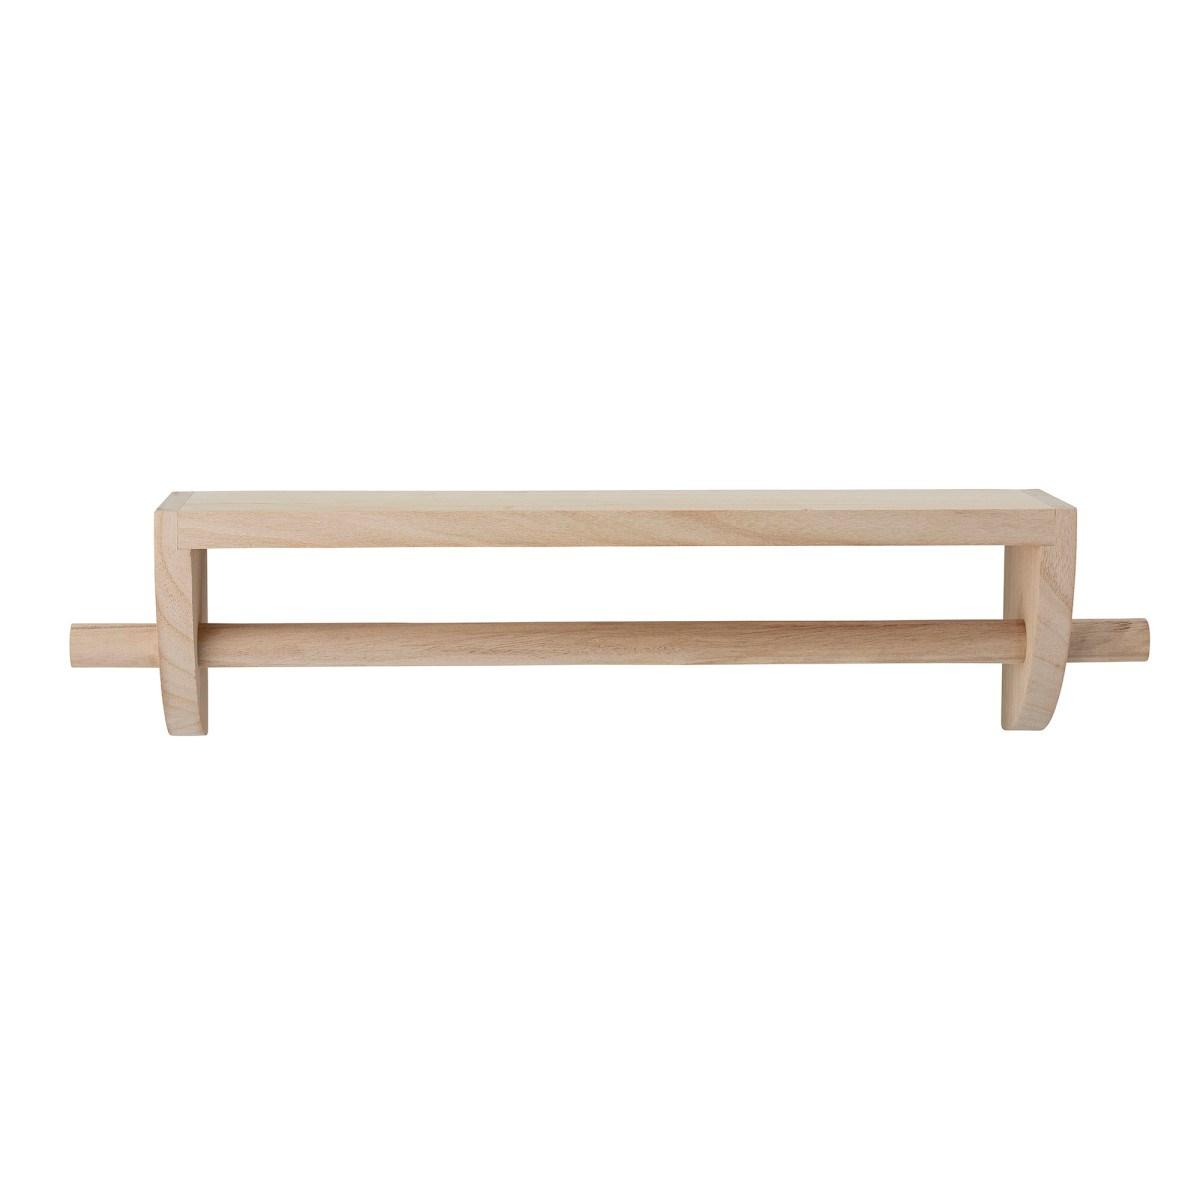 Dřevěná police / věšák Mingus 60 cm_1